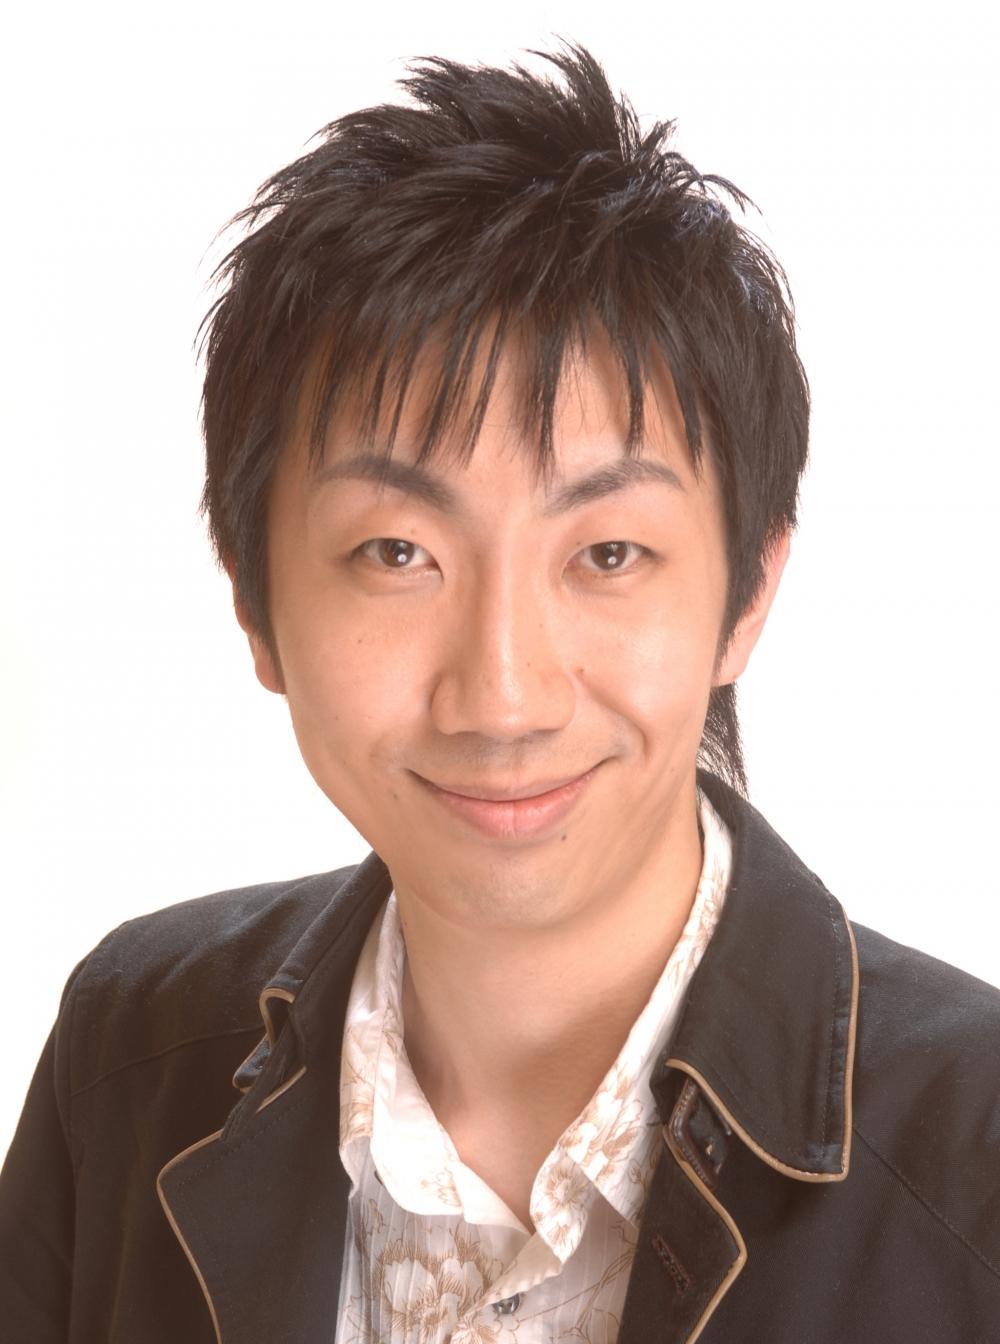 File:YukitoSoma.jpg